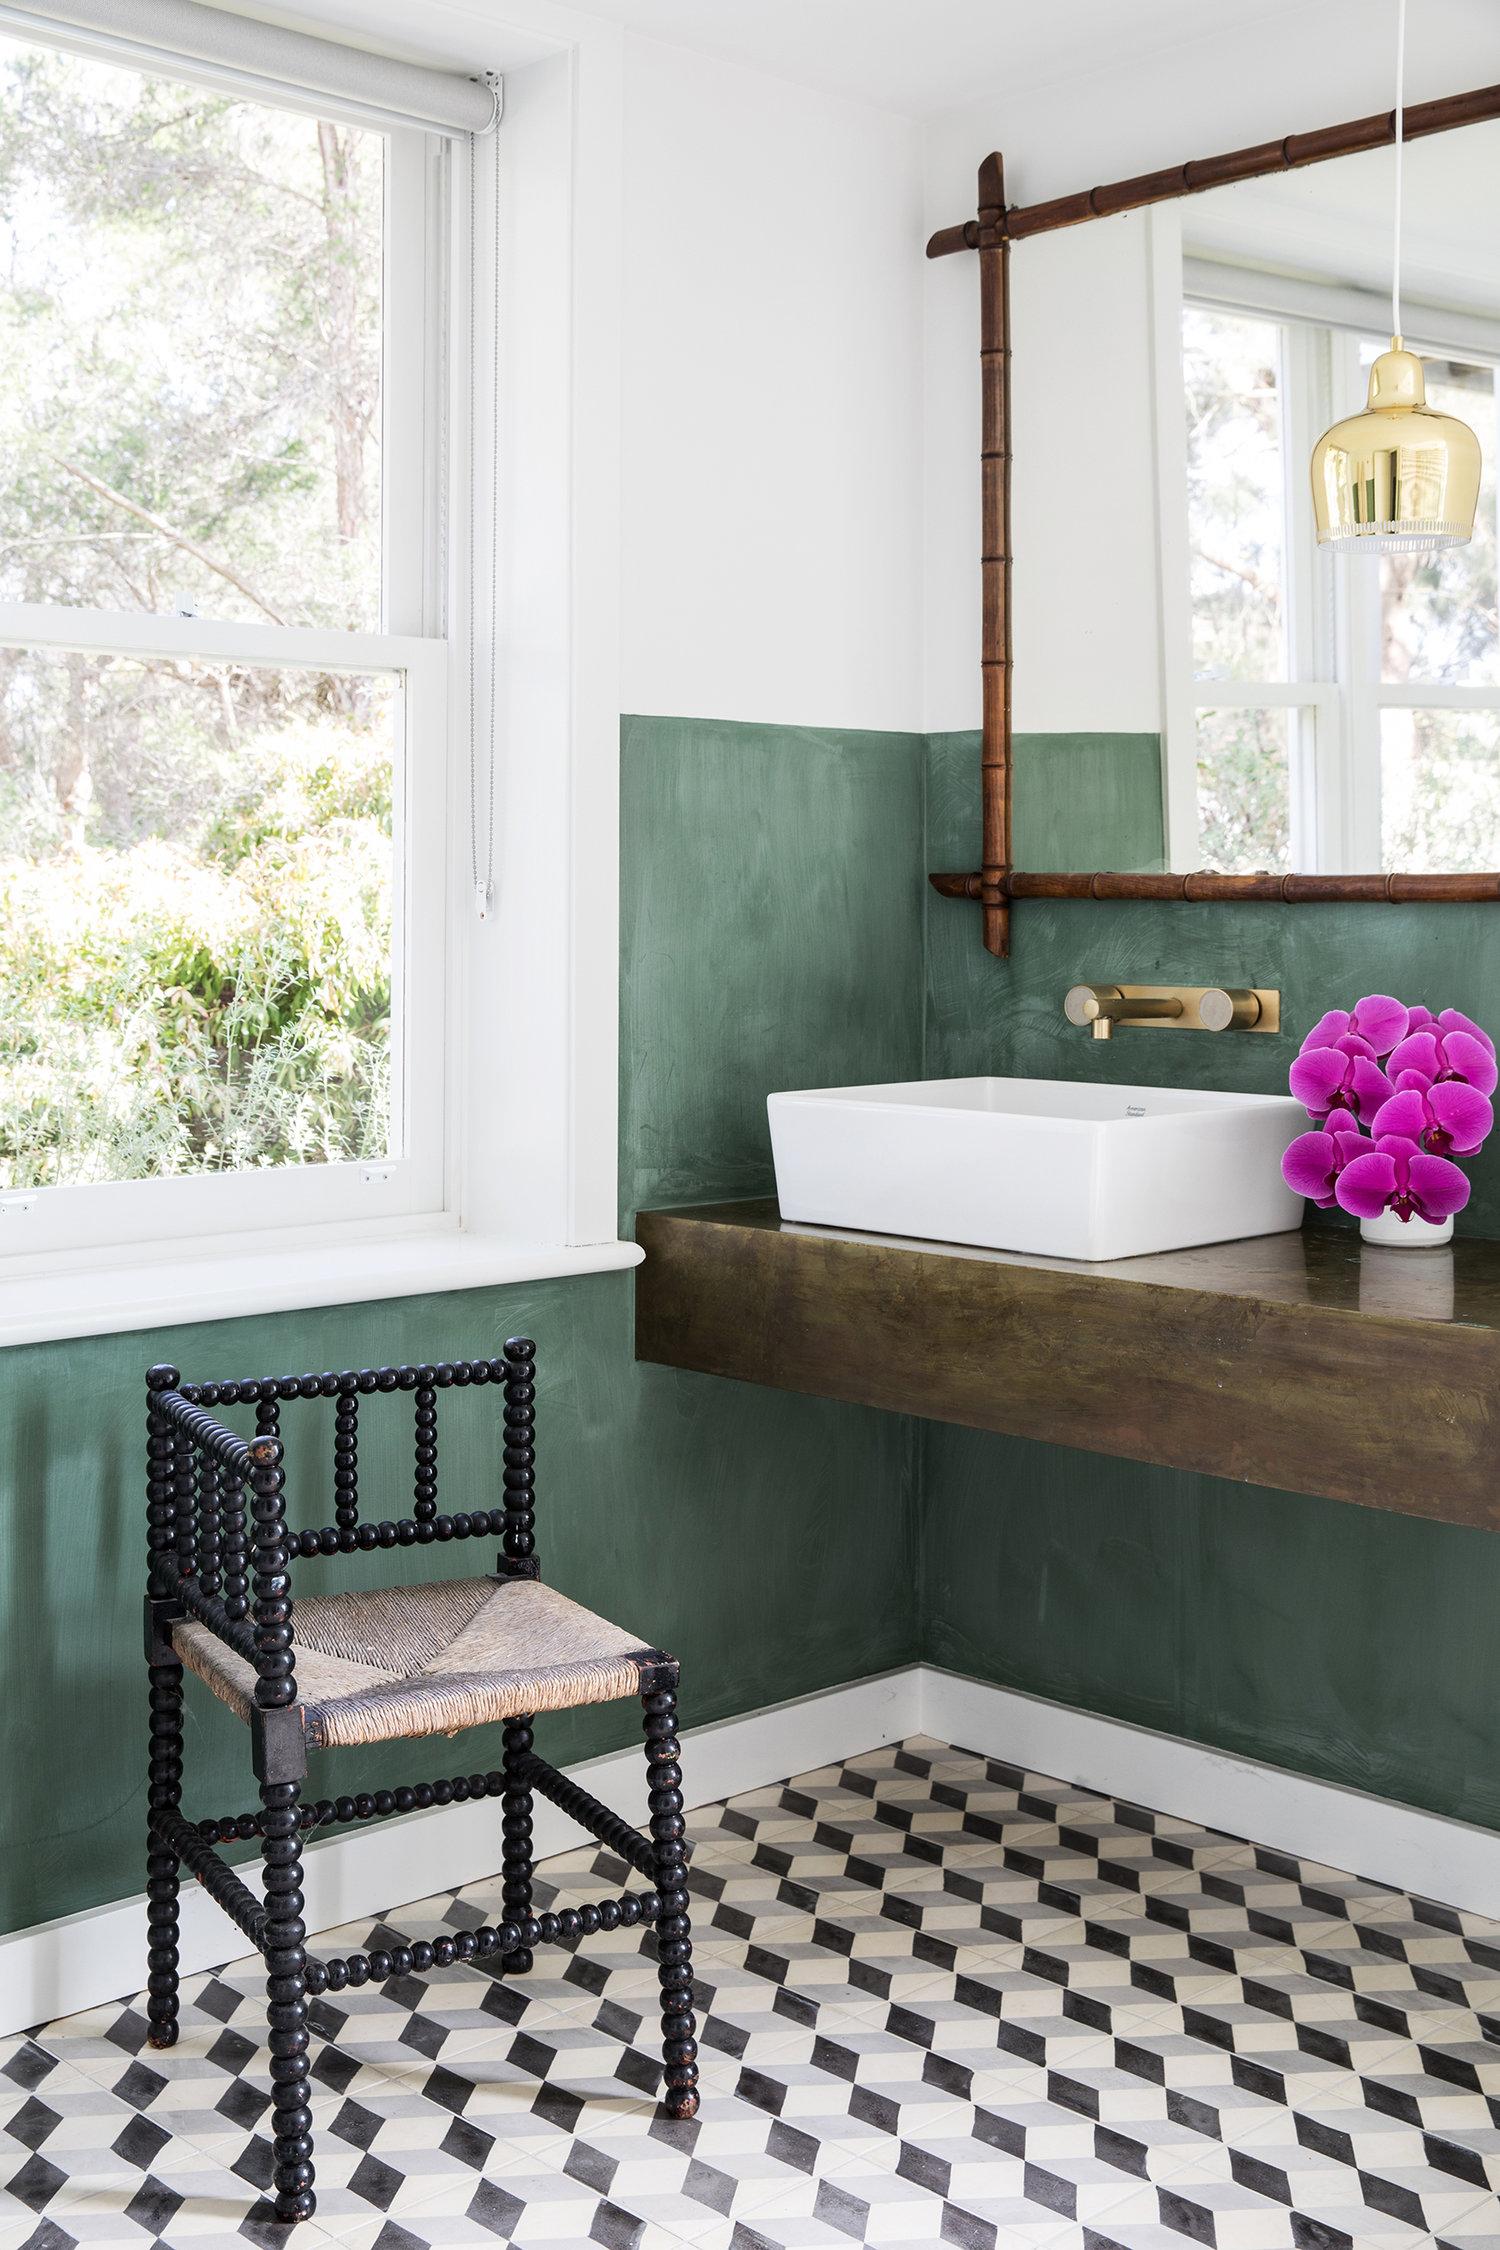 murs verts et carreaux graphiques noir et blanc dans le bain | Coco Kelley